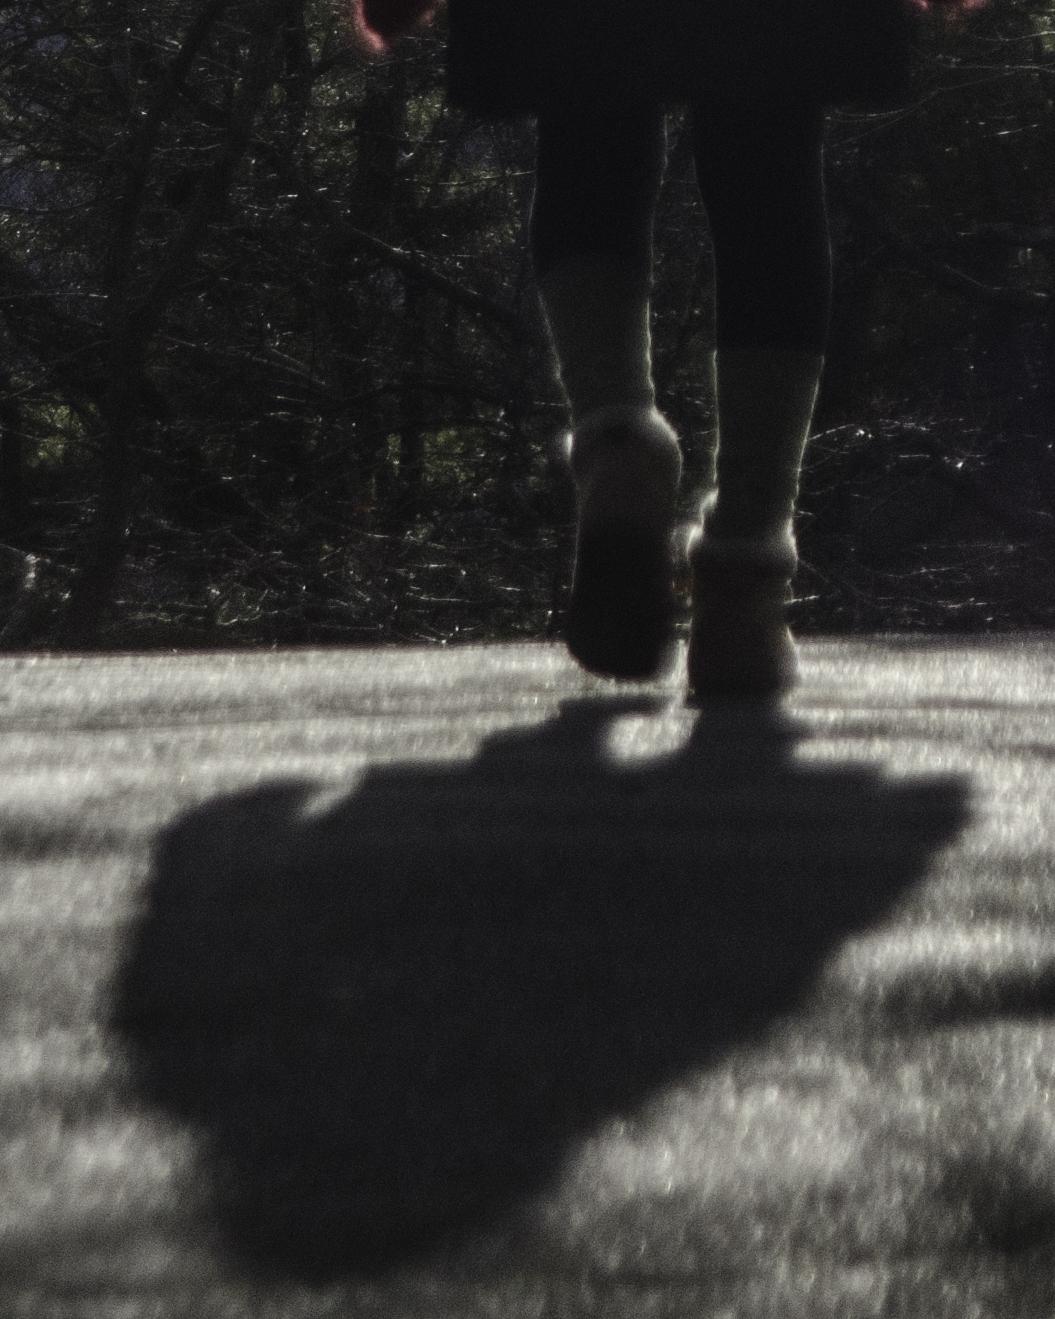 Souls of feet image